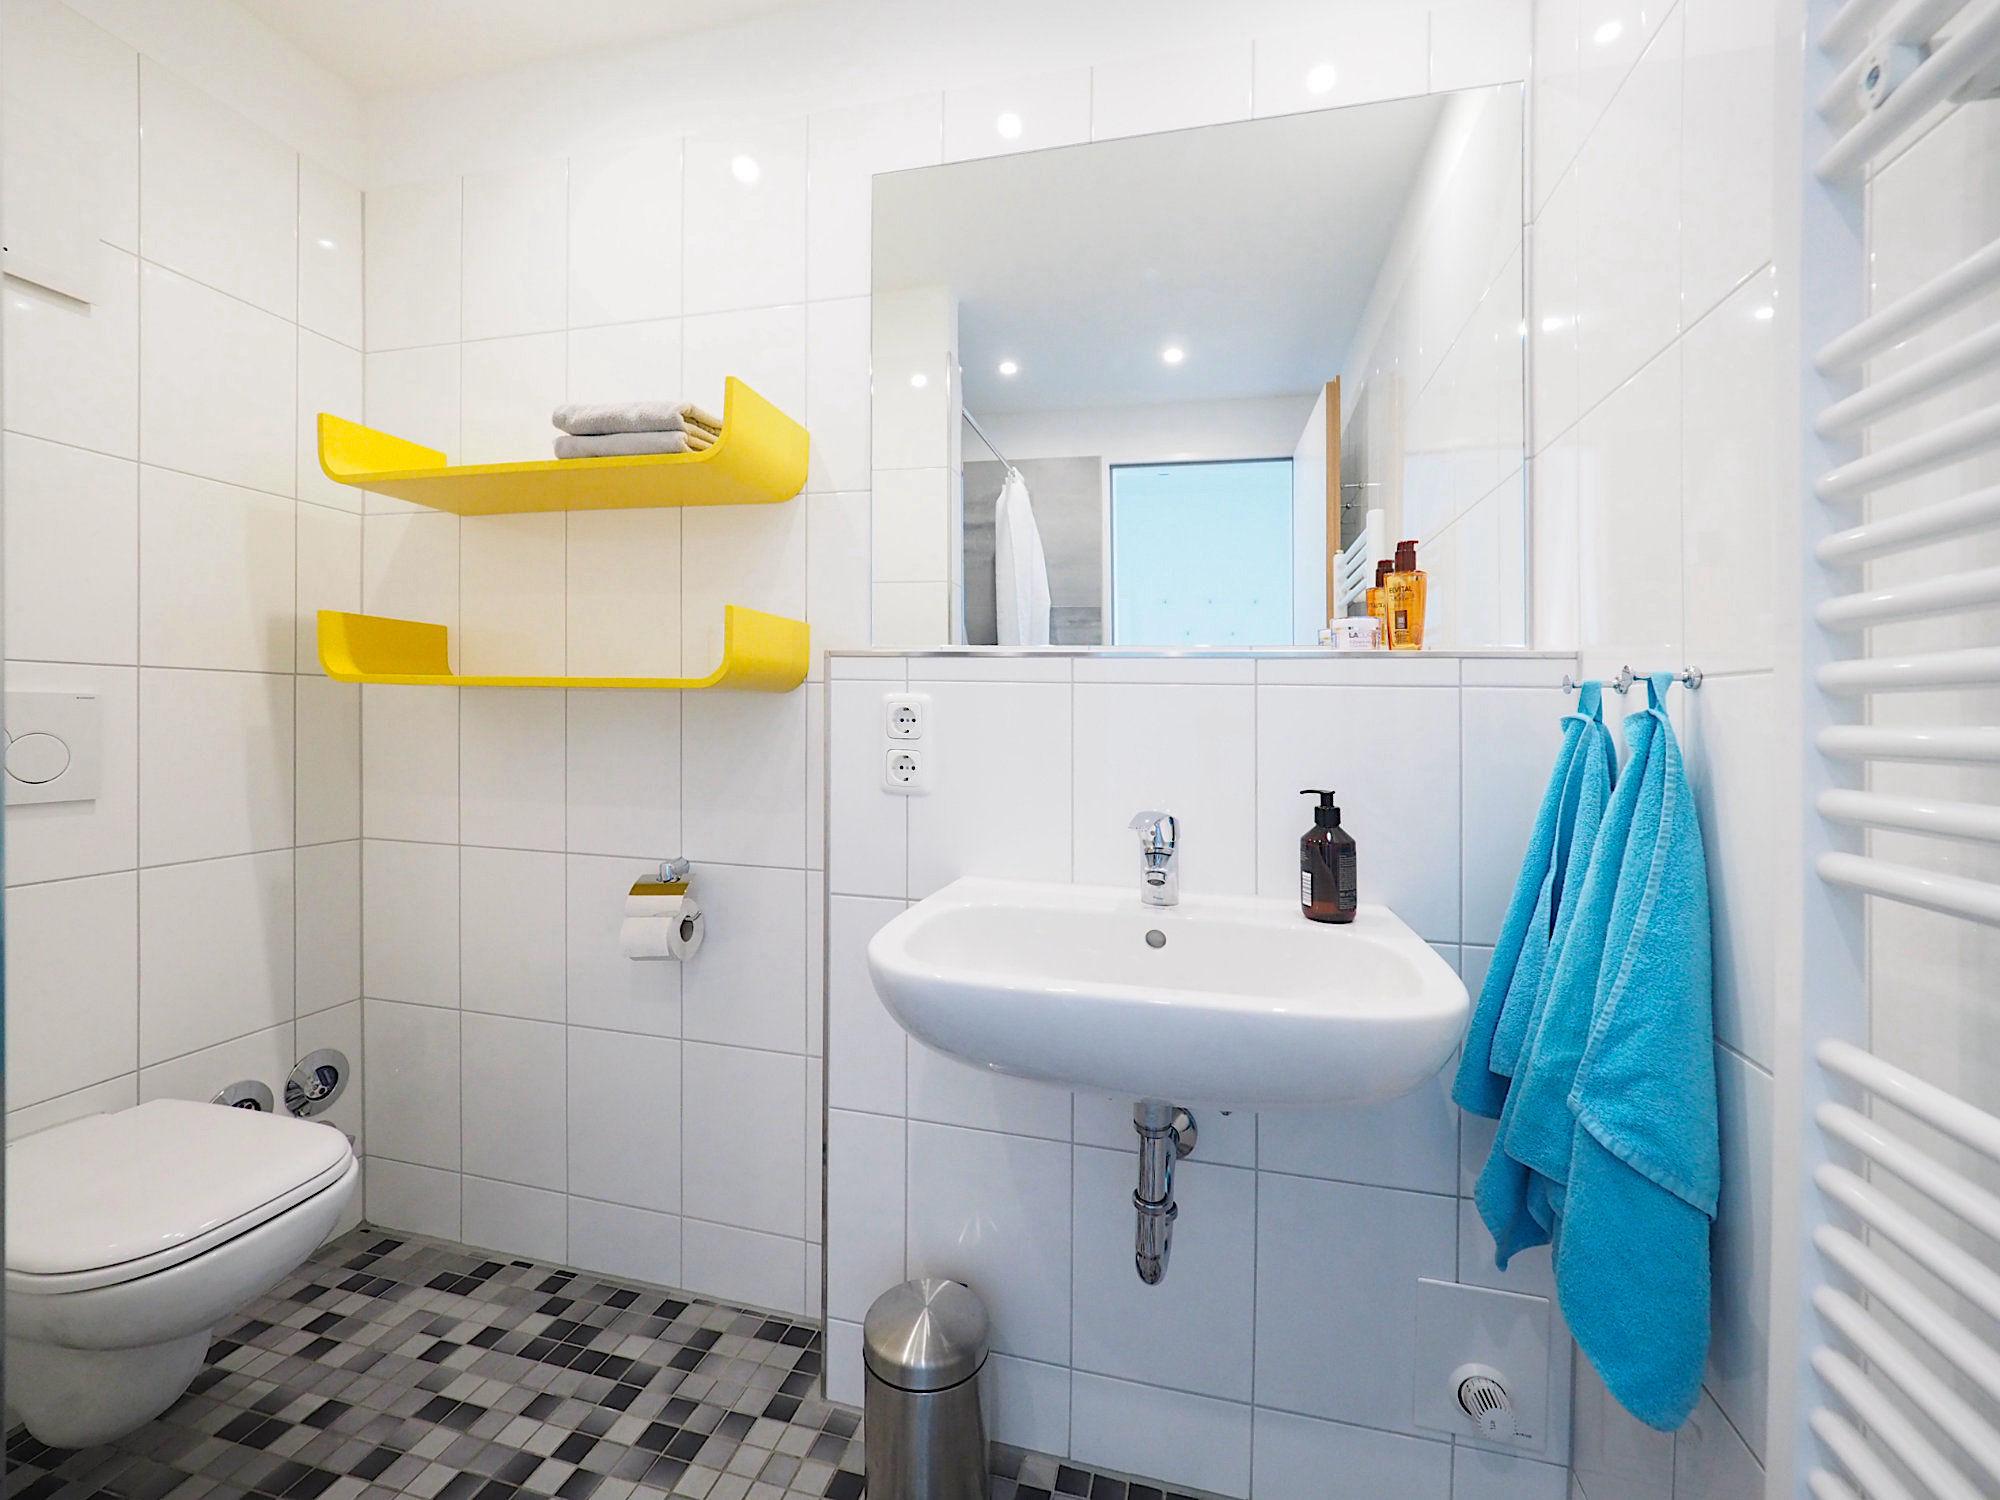 Duschbad mit Handtuchheizung, Waschbecken und 2 Regalen